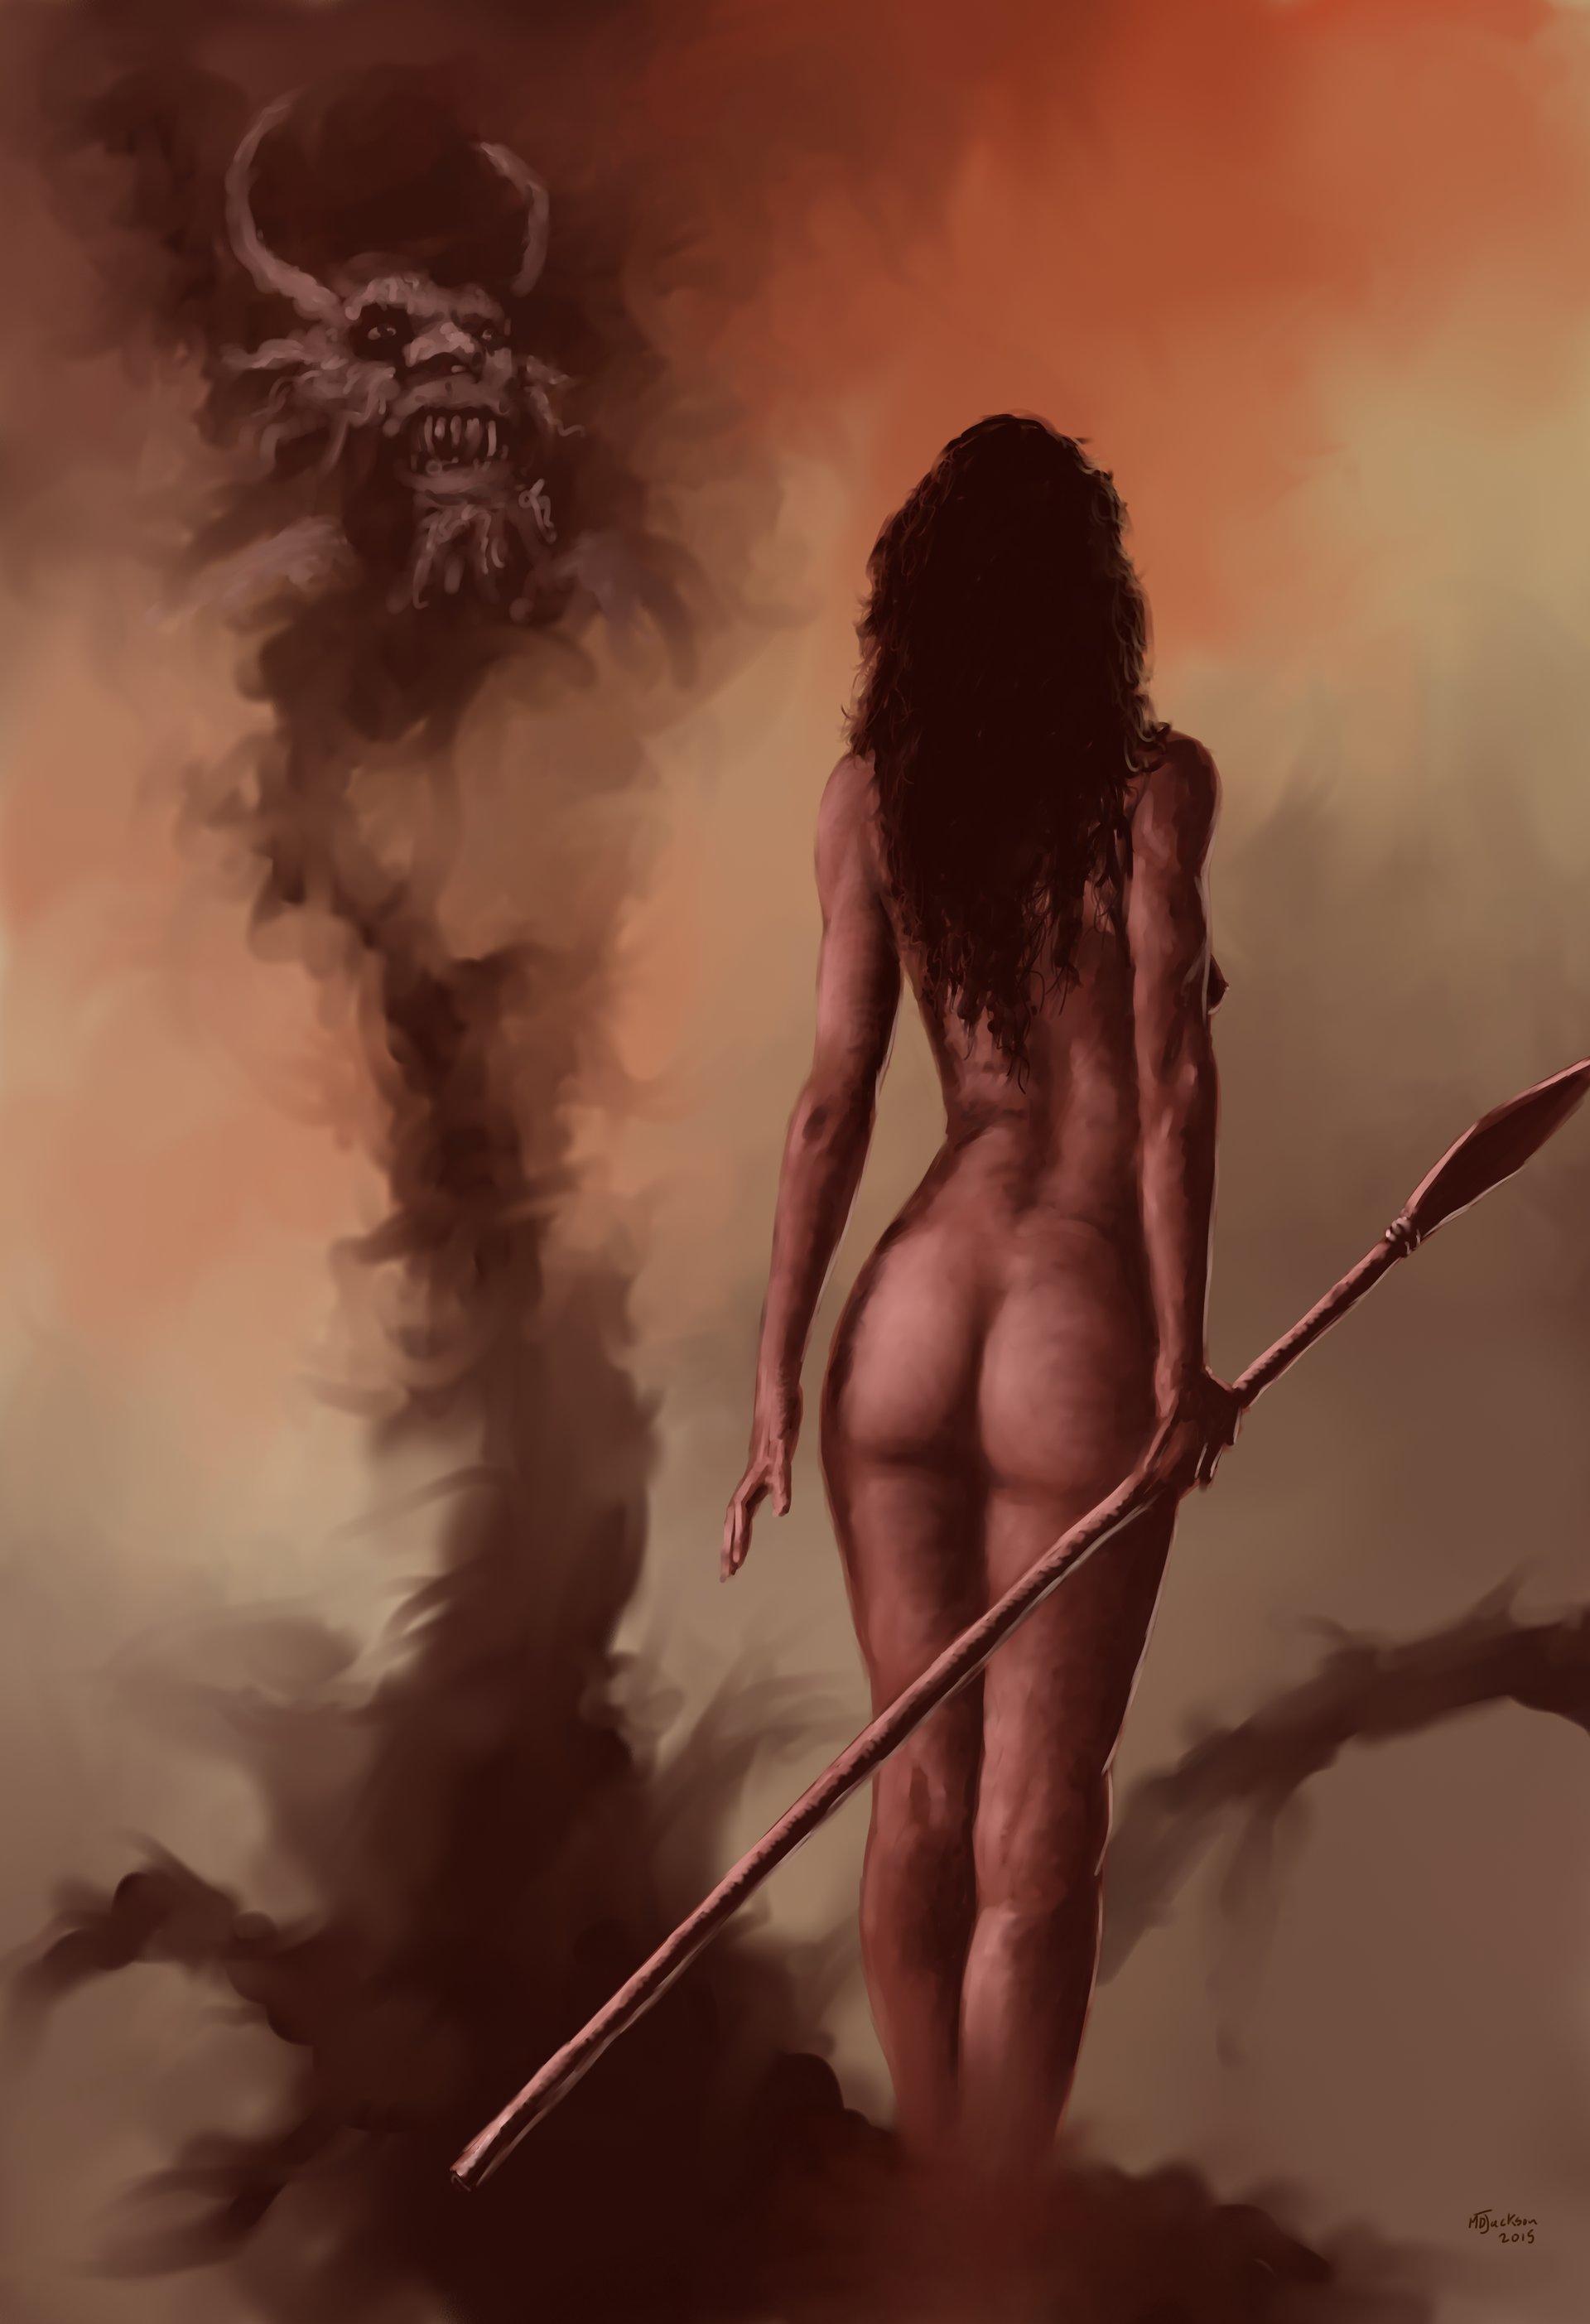 Md jackson cavegirl has her demons